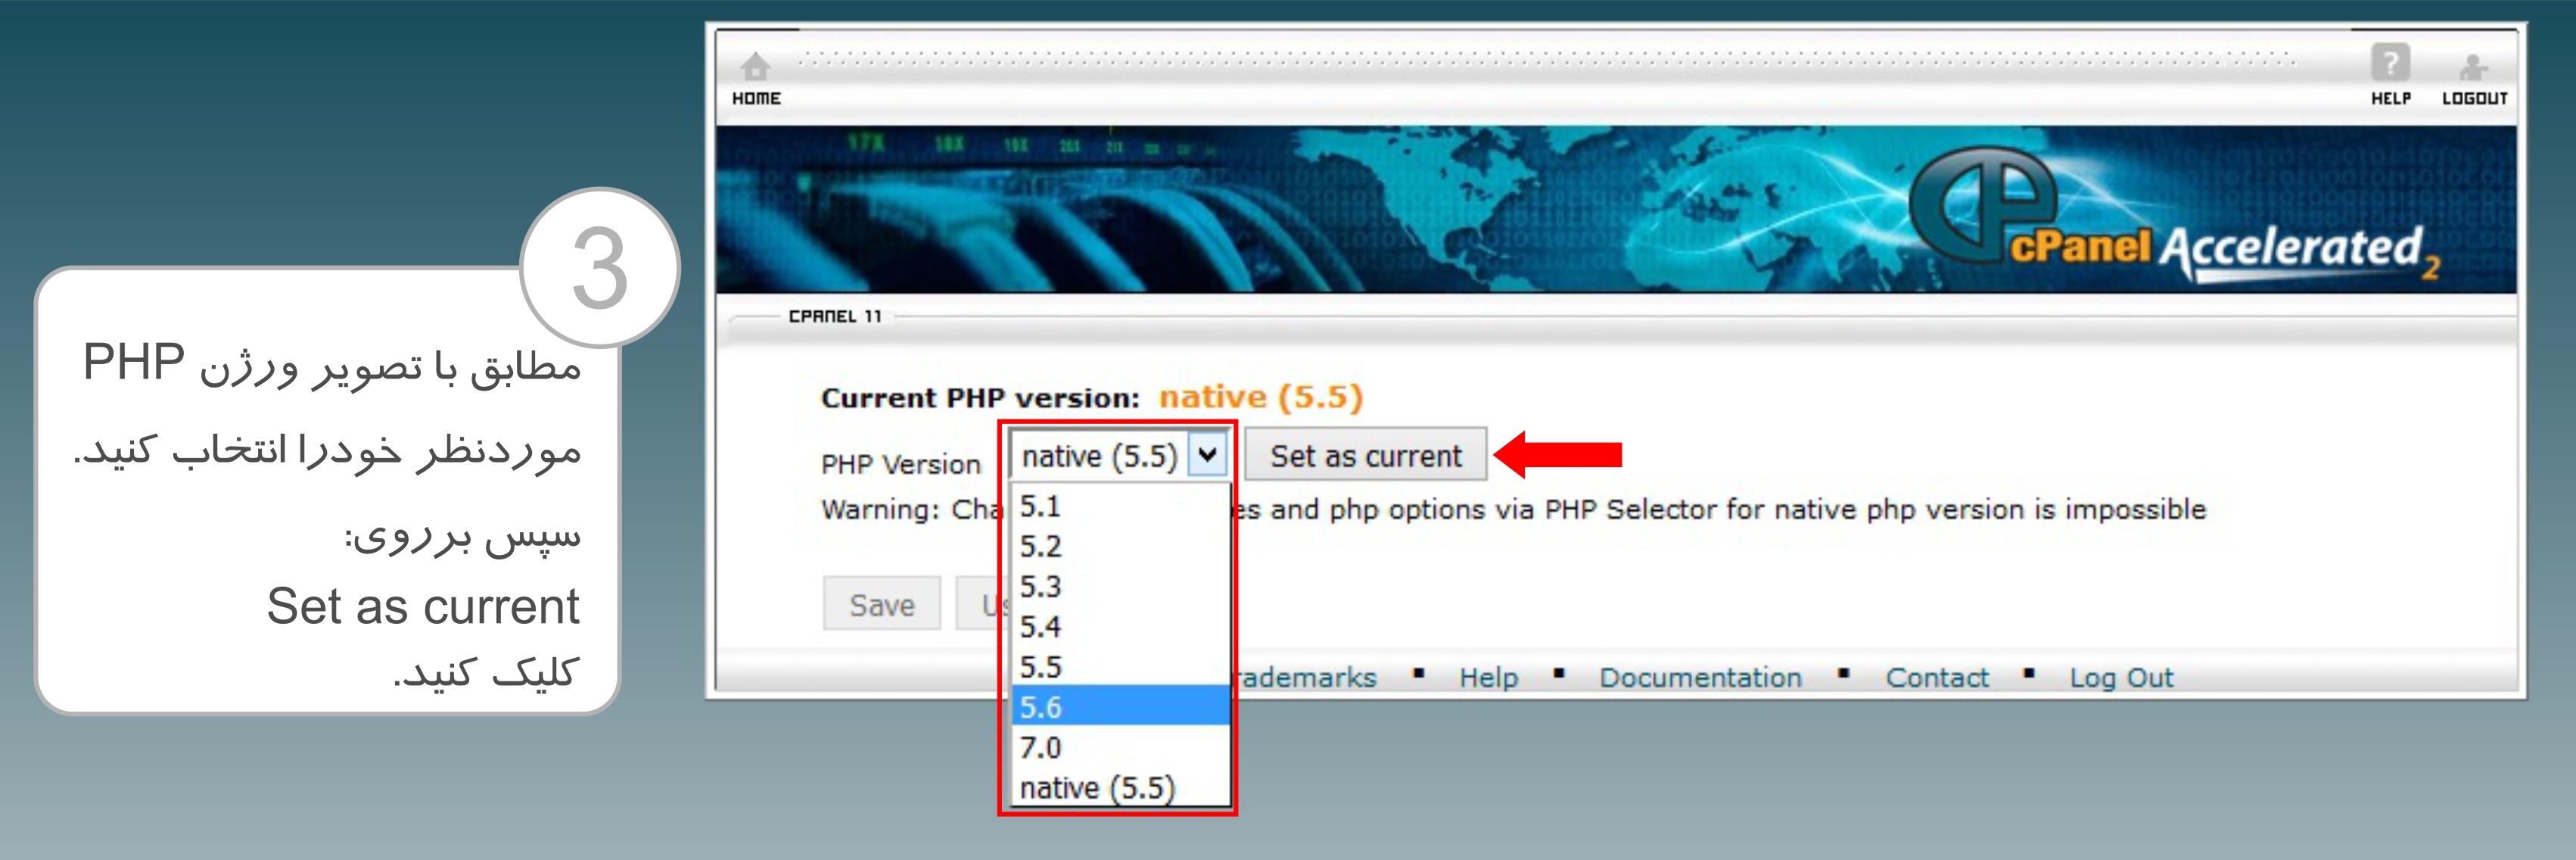 تغییر نسخه php در سی پنل